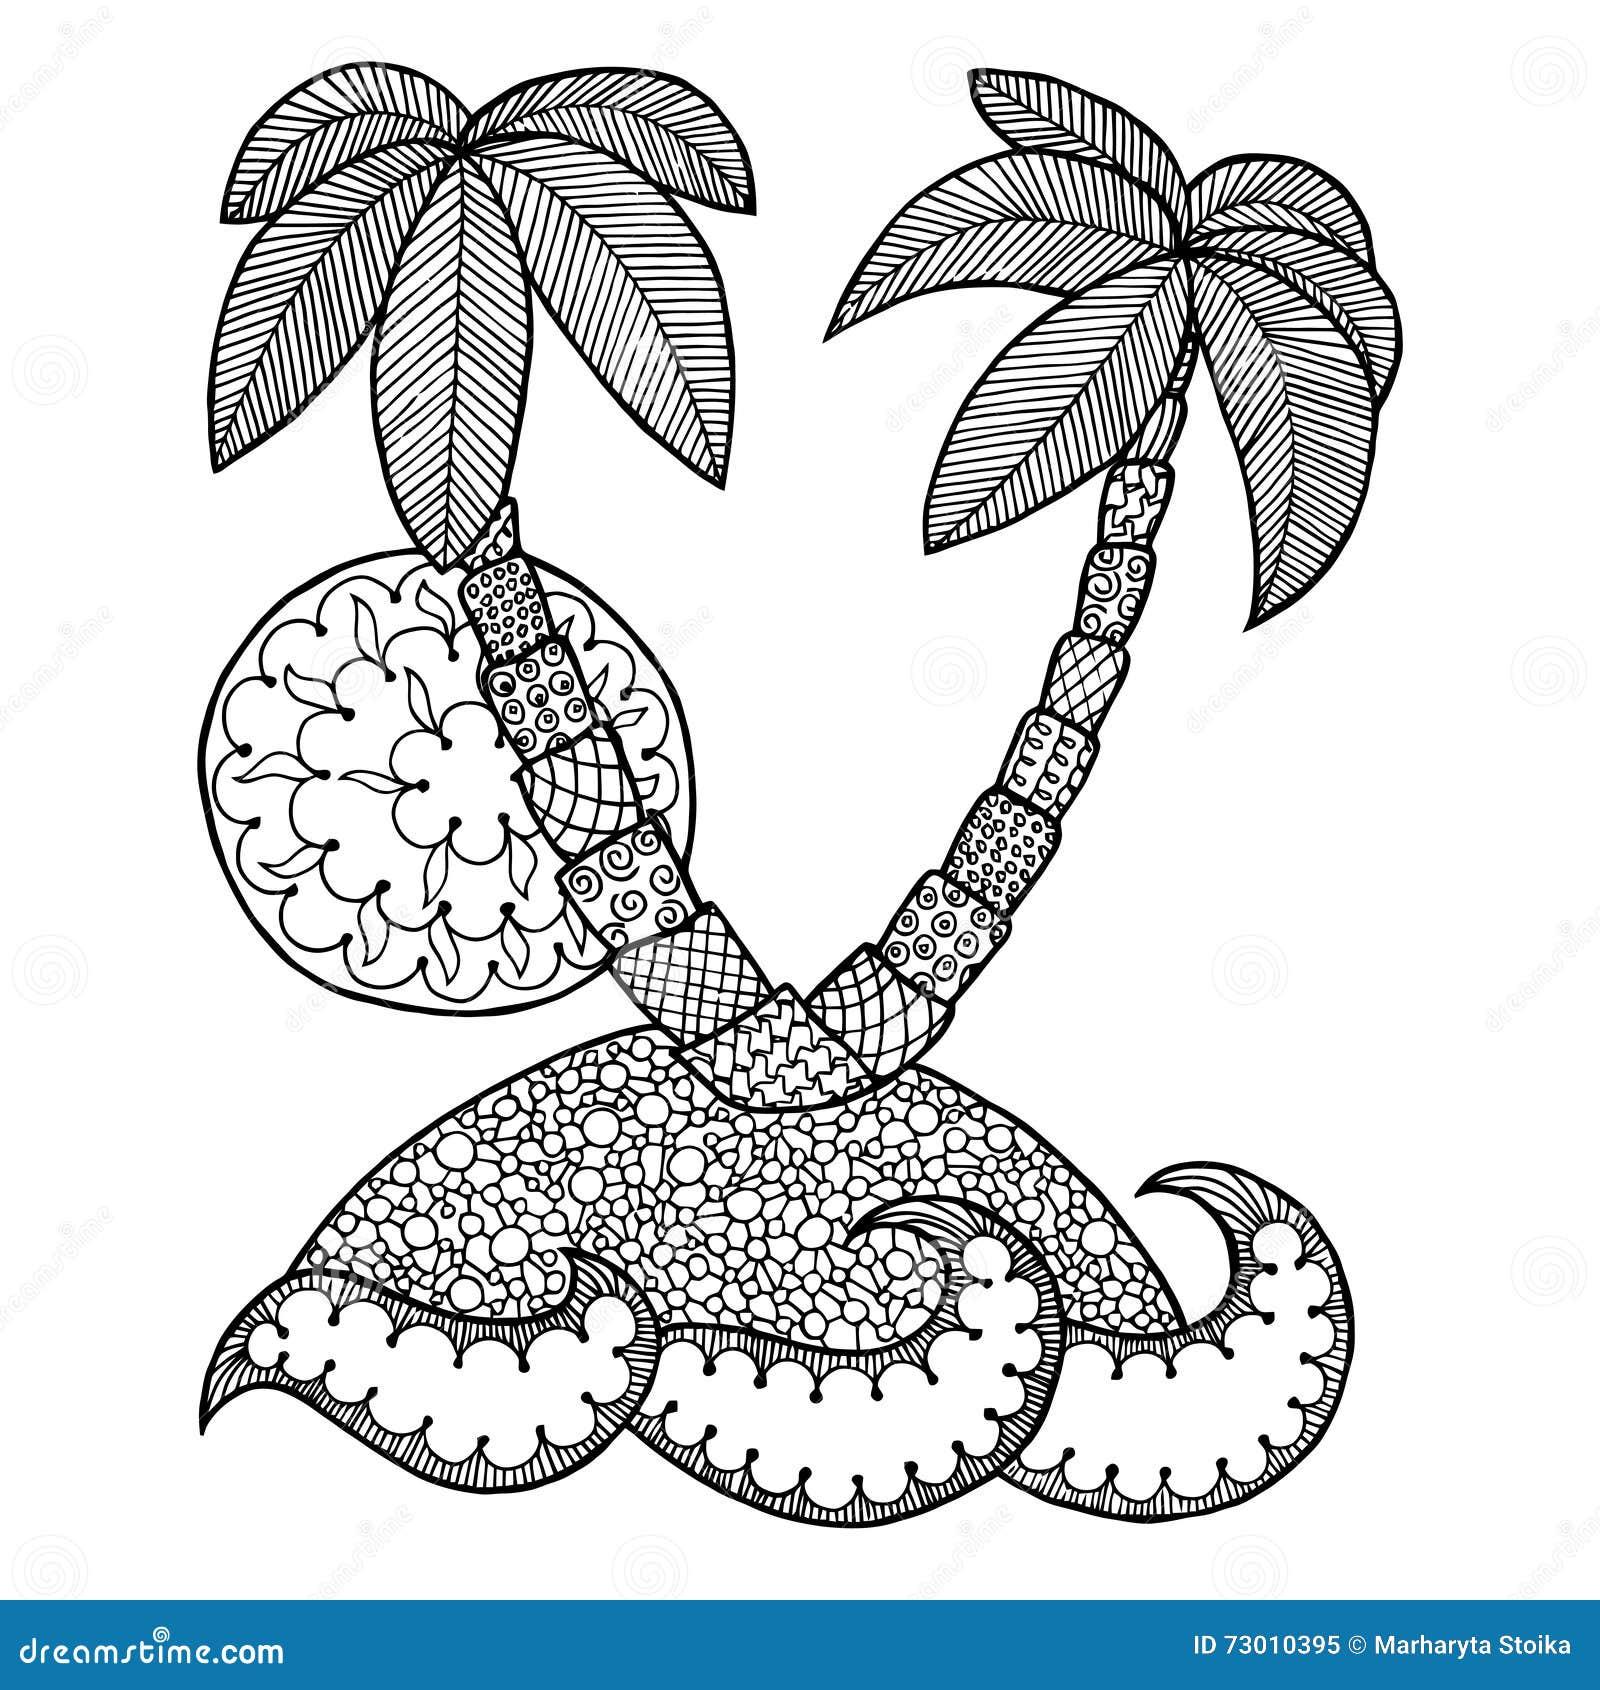 Zen ocean colouring book - Beach Book Coloring Contour Doodle Island Ocean